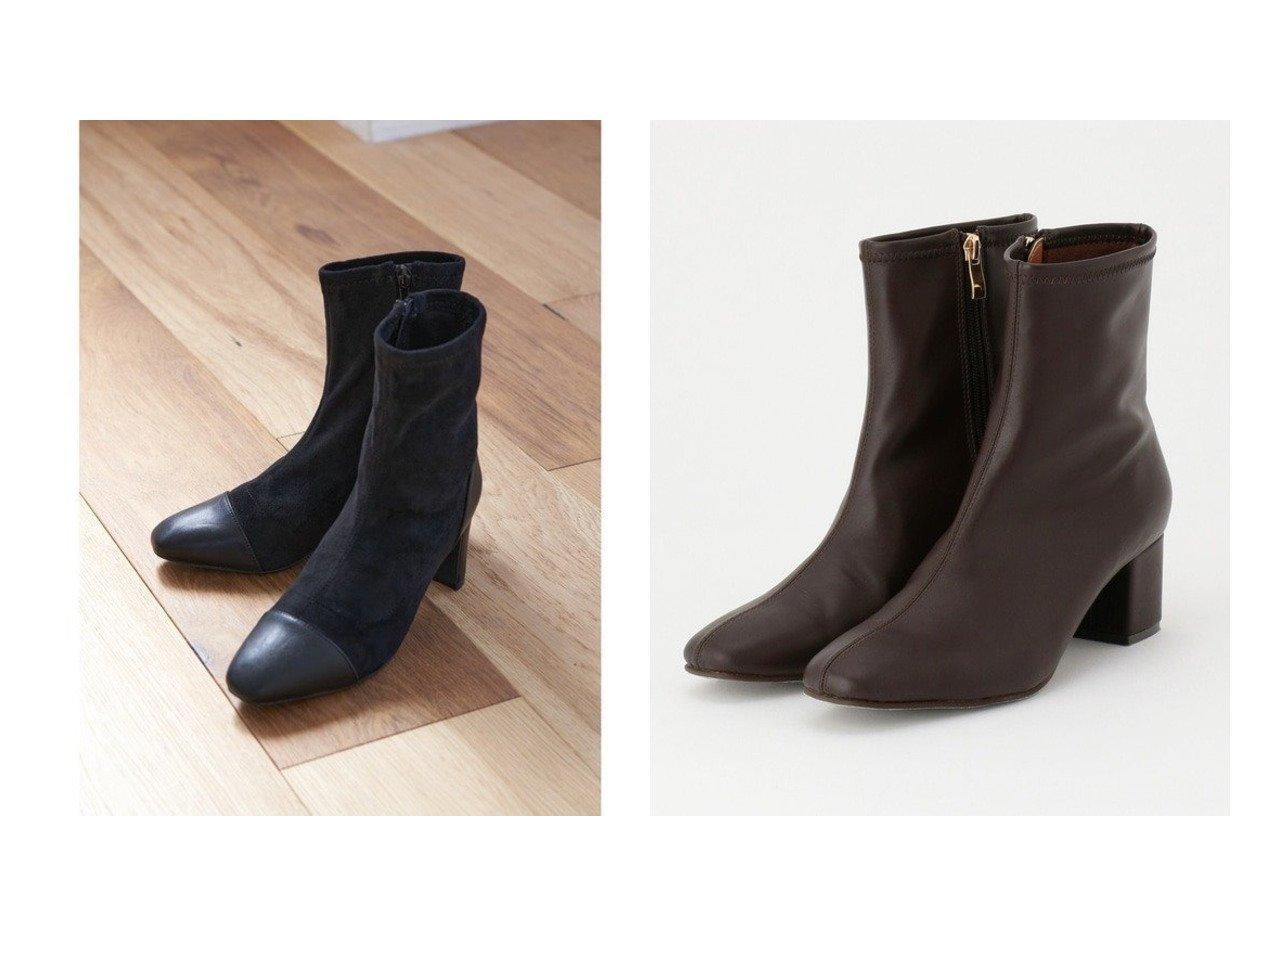 【any FAM/エニィファム】の撥水ストレッチミドル丈 ブーツ&【Green Parks/グリーンパークス】のminia スエードコンビショートブーツ シューズ・靴のおすすめ!人気、レディースファッションの通販 おすすめで人気のファッション通販商品 インテリア・家具・キッズファッション・メンズファッション・レディースファッション・服の通販 founy(ファニー) https://founy.com/ ファッション Fashion レディース WOMEN エレガント コンビ ショート スエード モダン シンプル ストレッチ ミドル ロング 秋冬 A/W Autumn/ Winter |ID:crp329100000000997